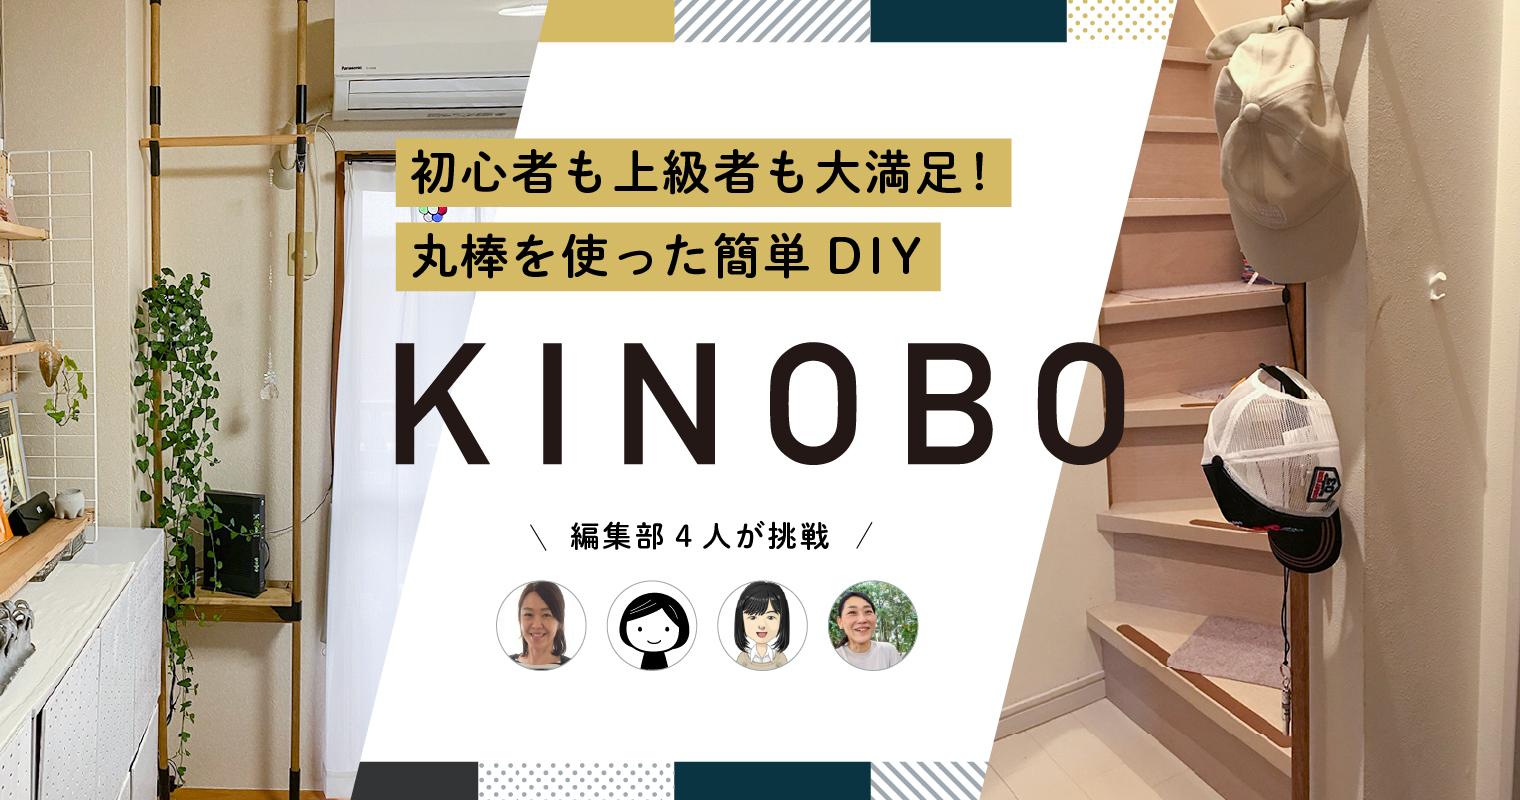 初心者も上級者も大満足!丸棒を使った簡単DIY「KINOBO」